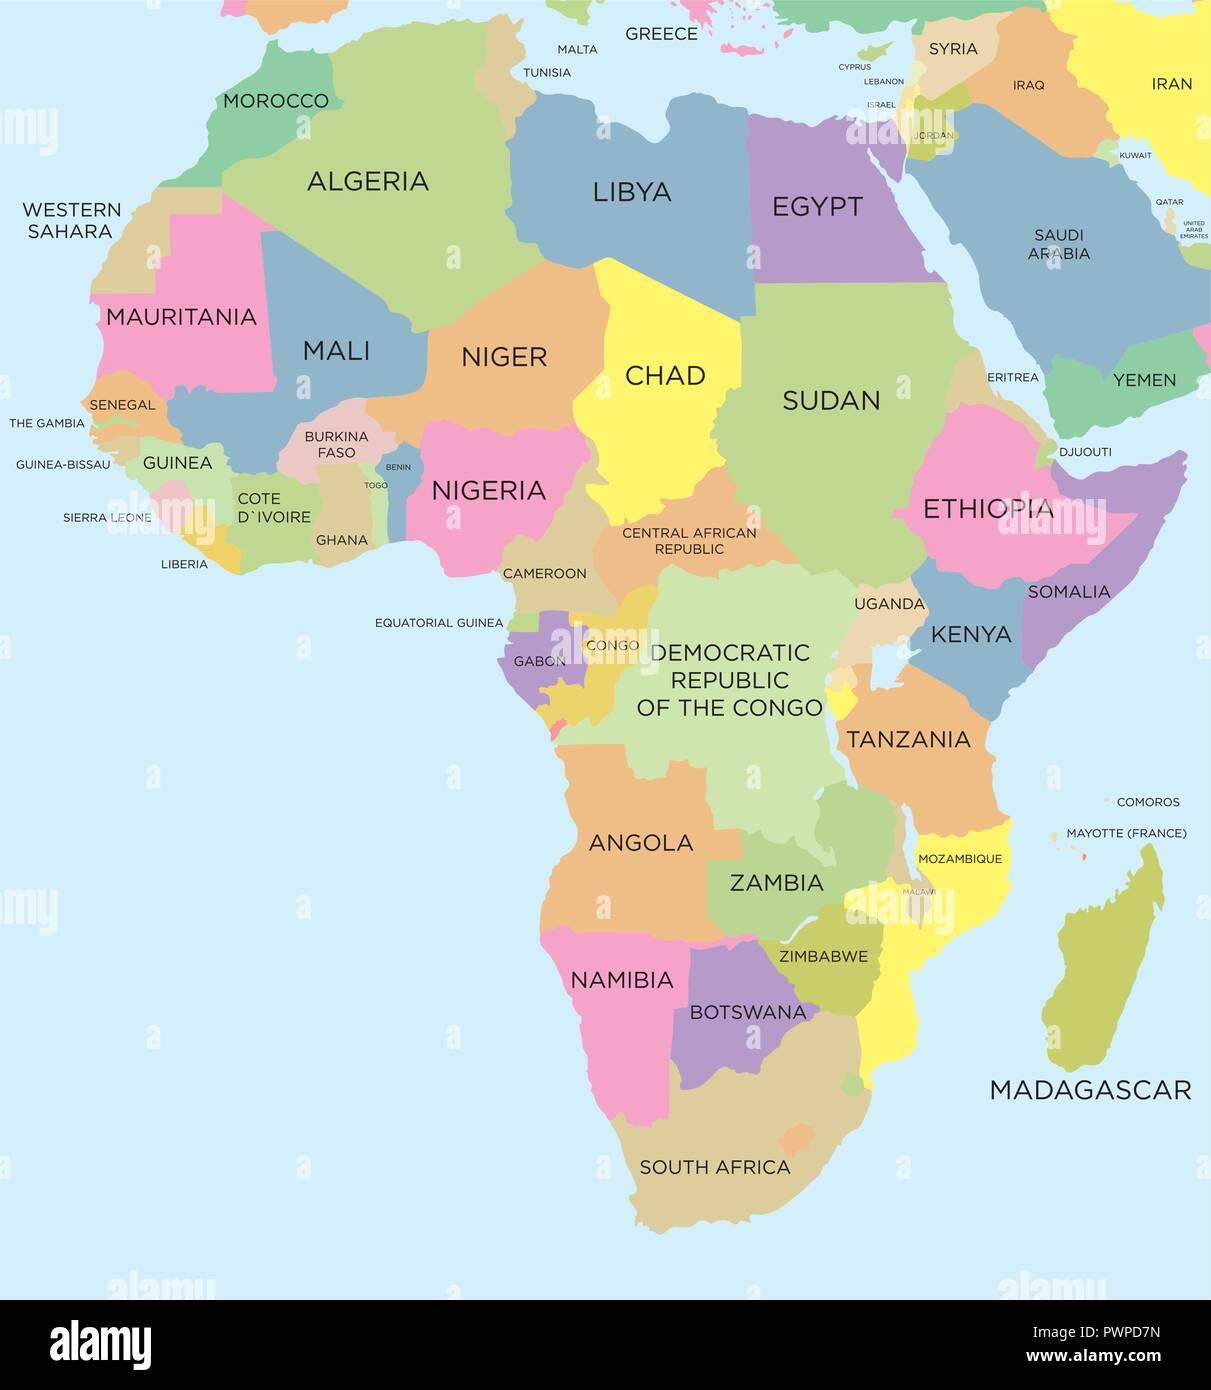 Cartina Geografica Africa Politica.Colorata Mappa Politica Dell Africa Dettagliata Illustrazione Vettoriale Immagine E Vettoriale Alamy